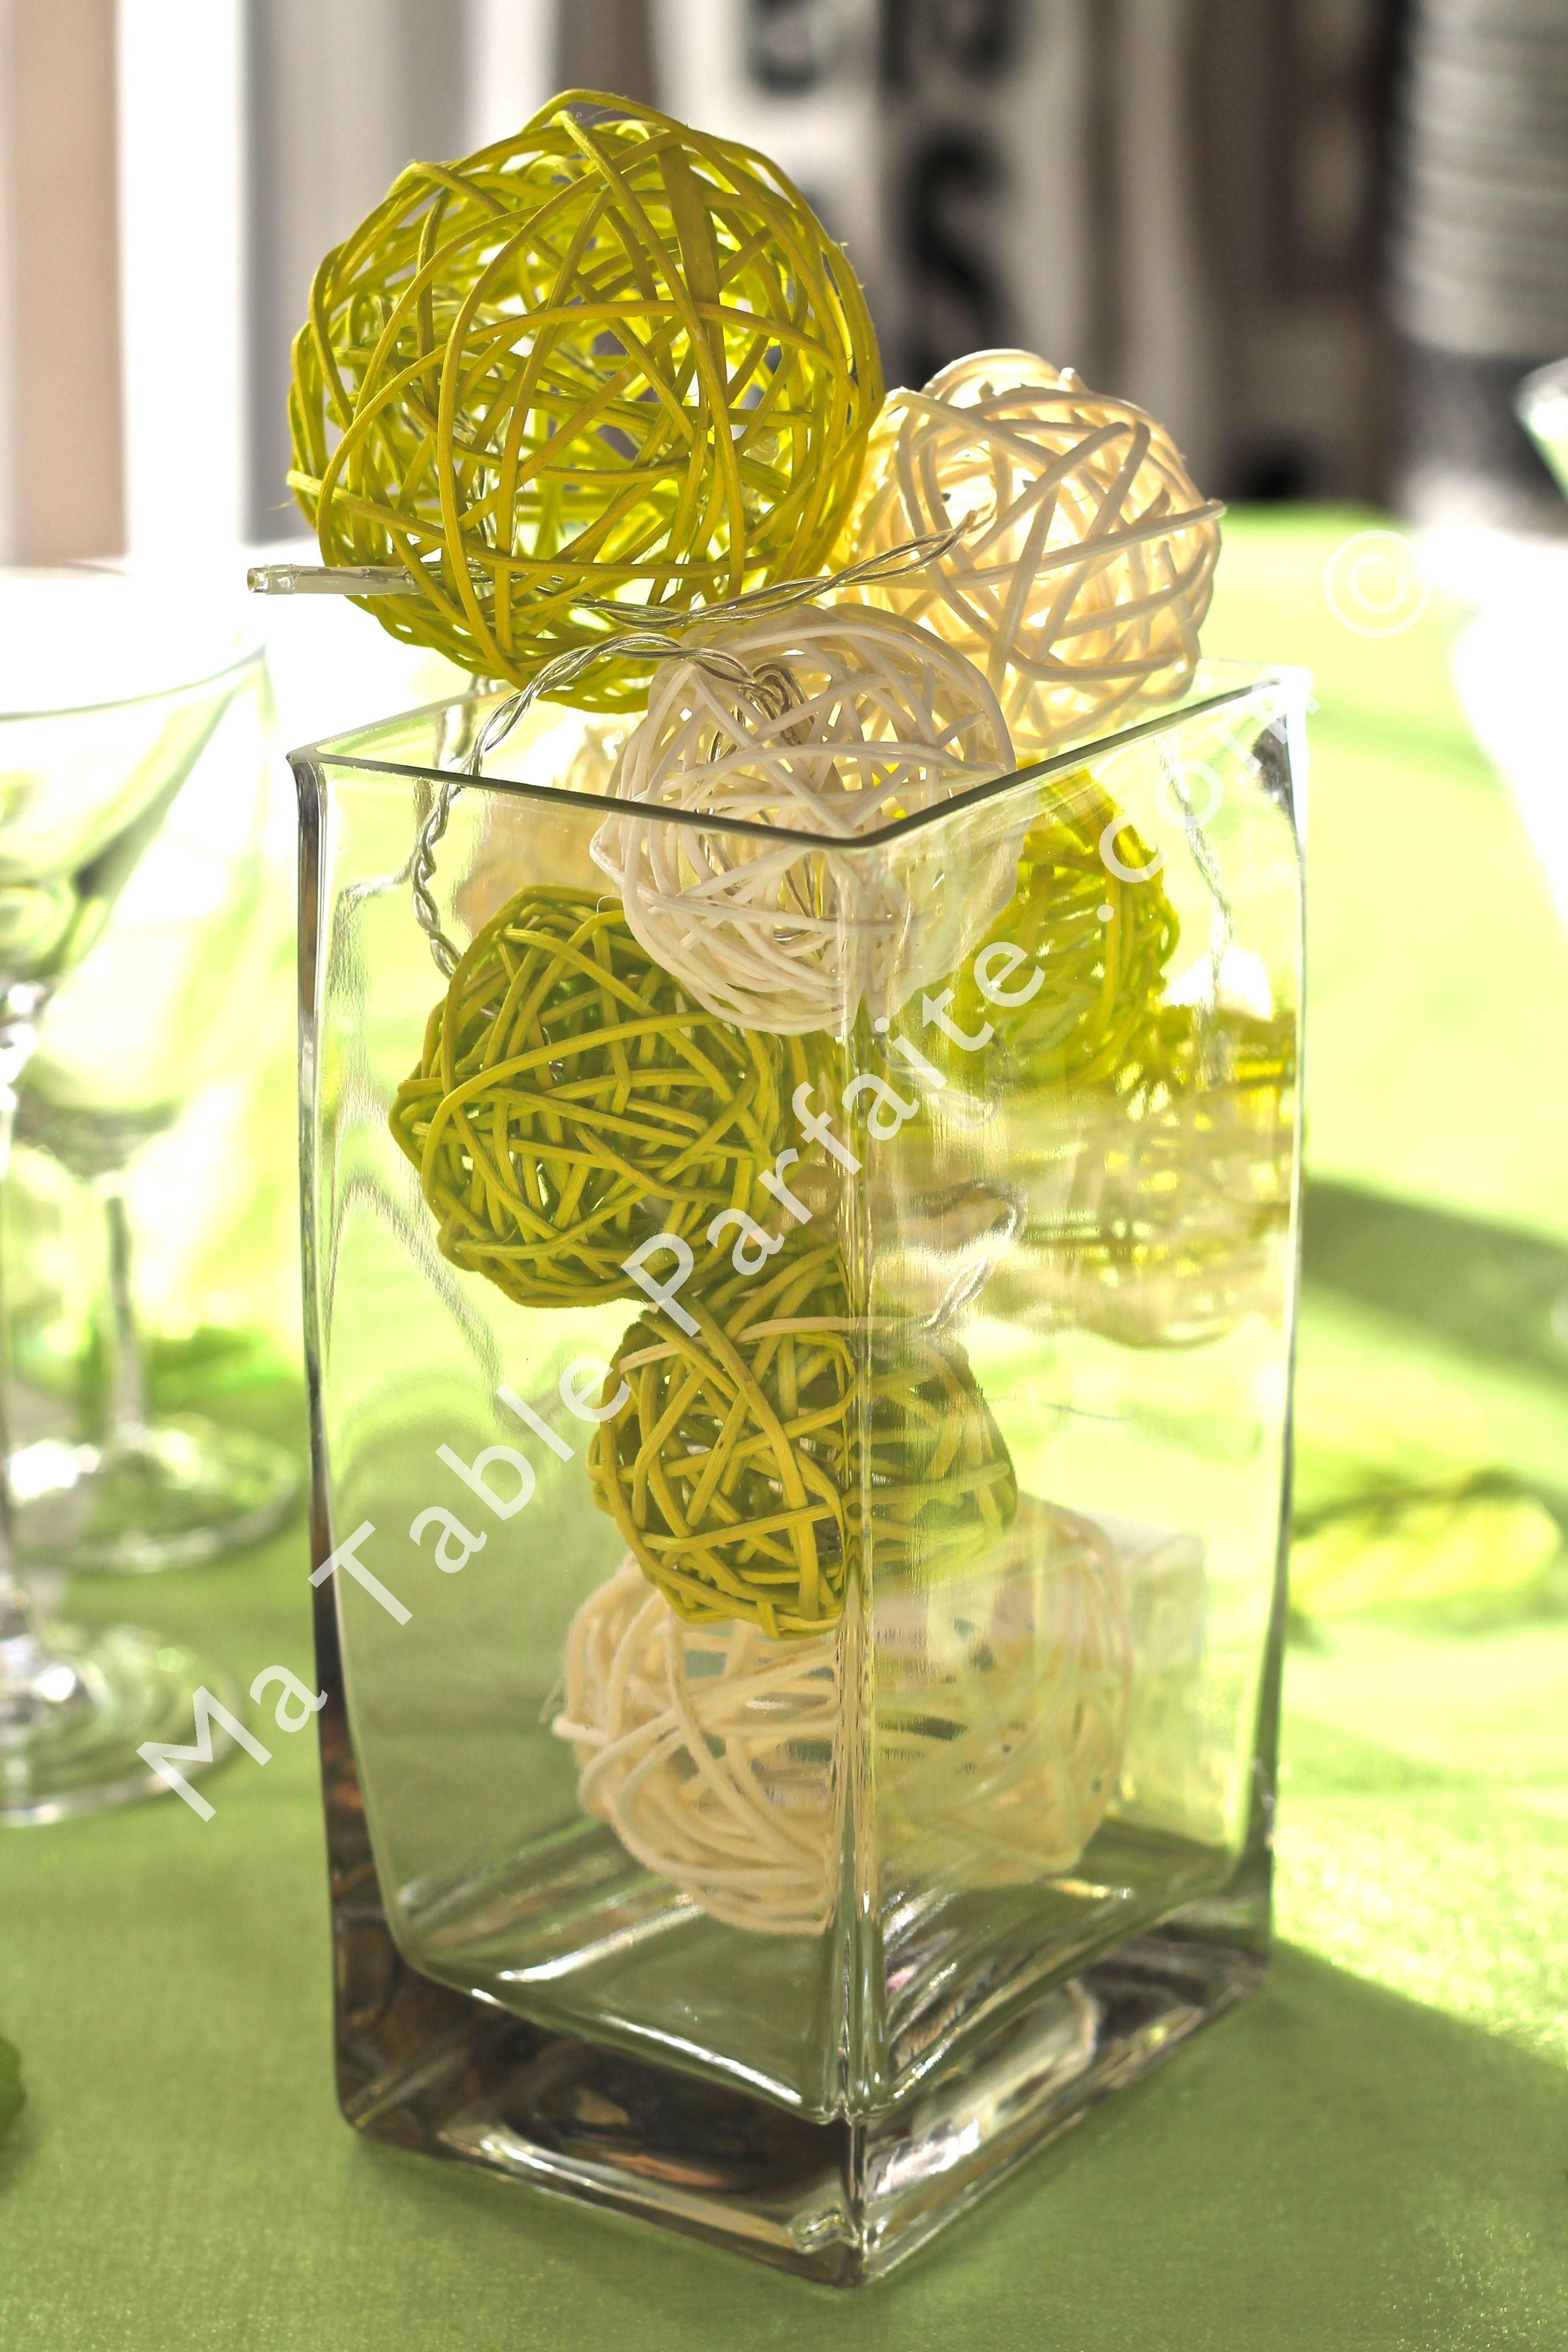 Beautiful Deco De Table Zen #4: Cette Guirlande Lumineuse LED à Piles Est Idéale Pour Un Usage Intérieur En Décoration  De Table